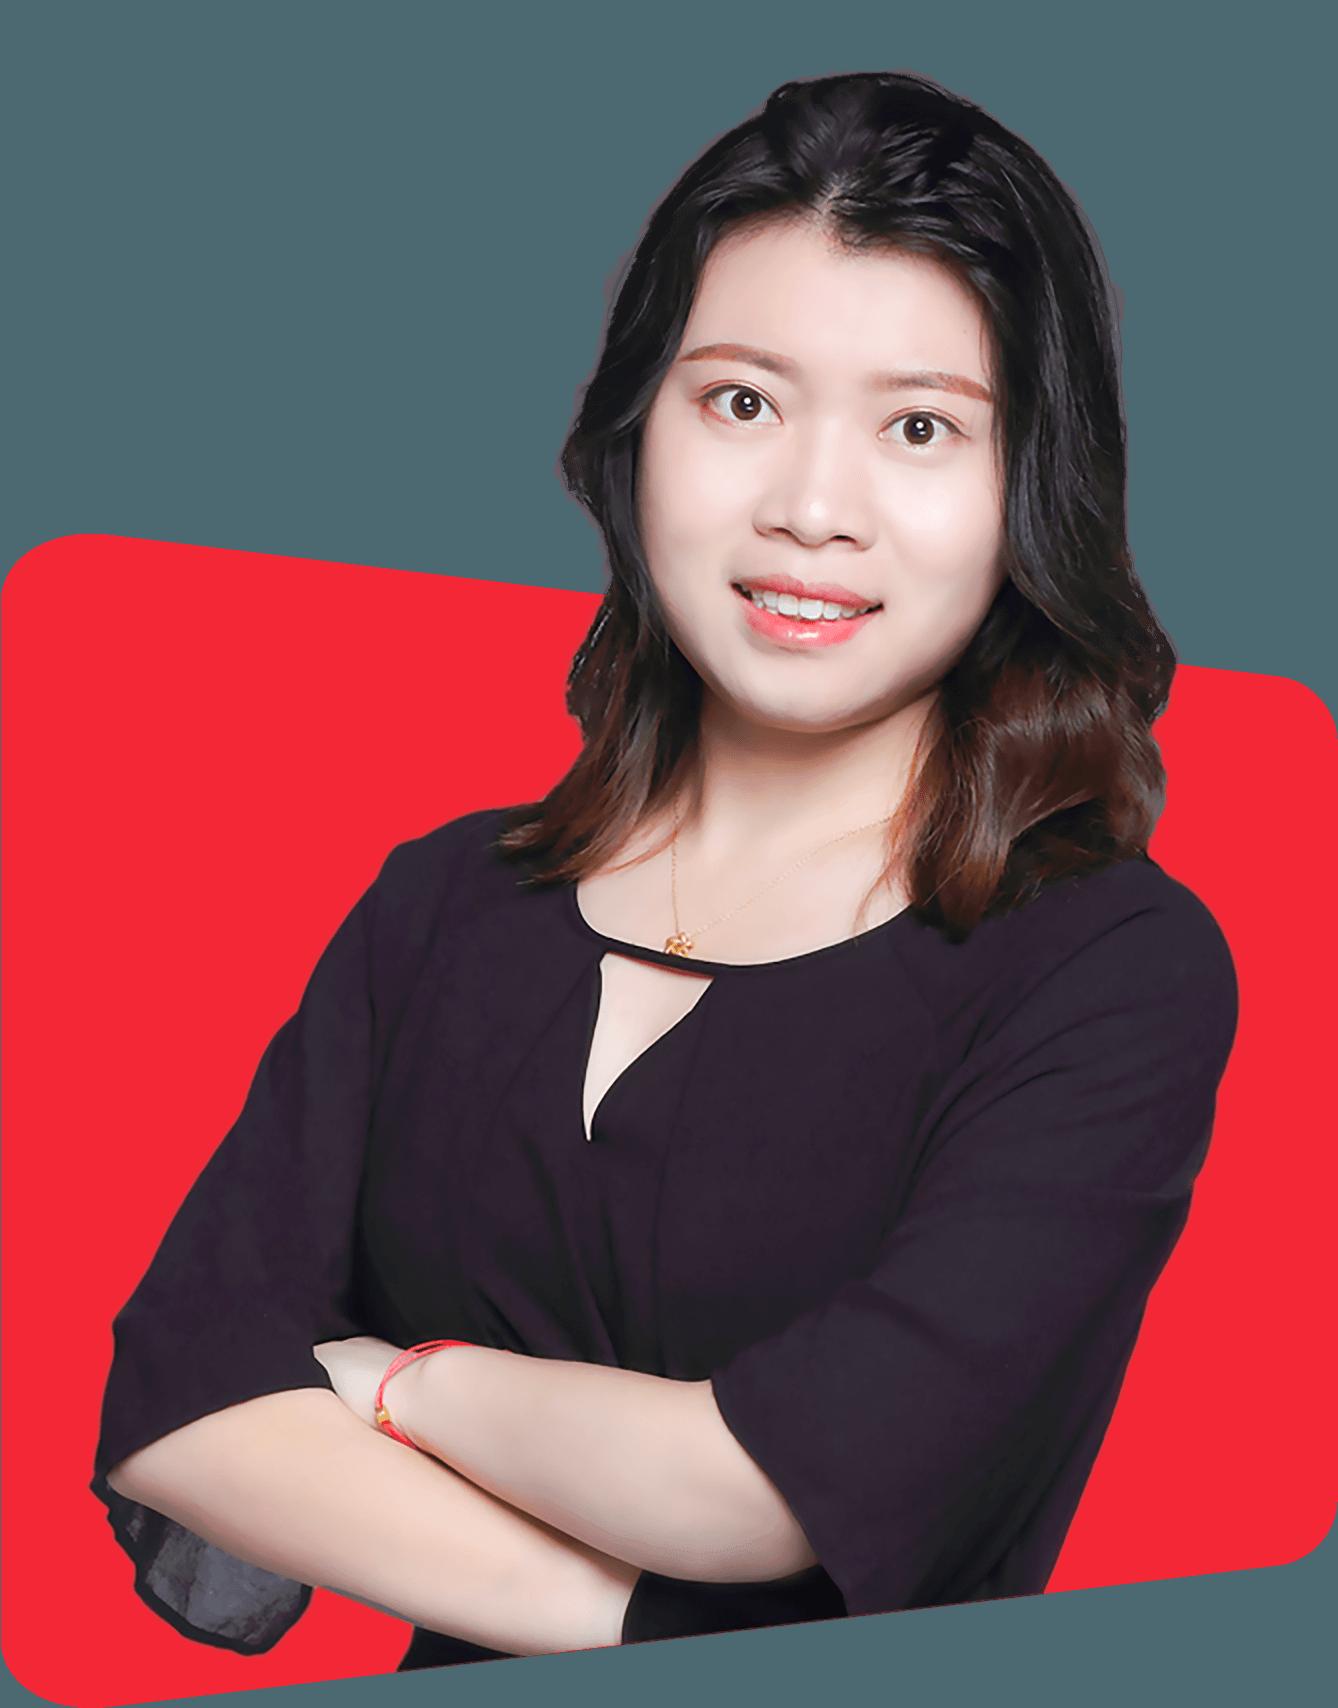 方楠 毕业于南京师范大学 擅长小学语文